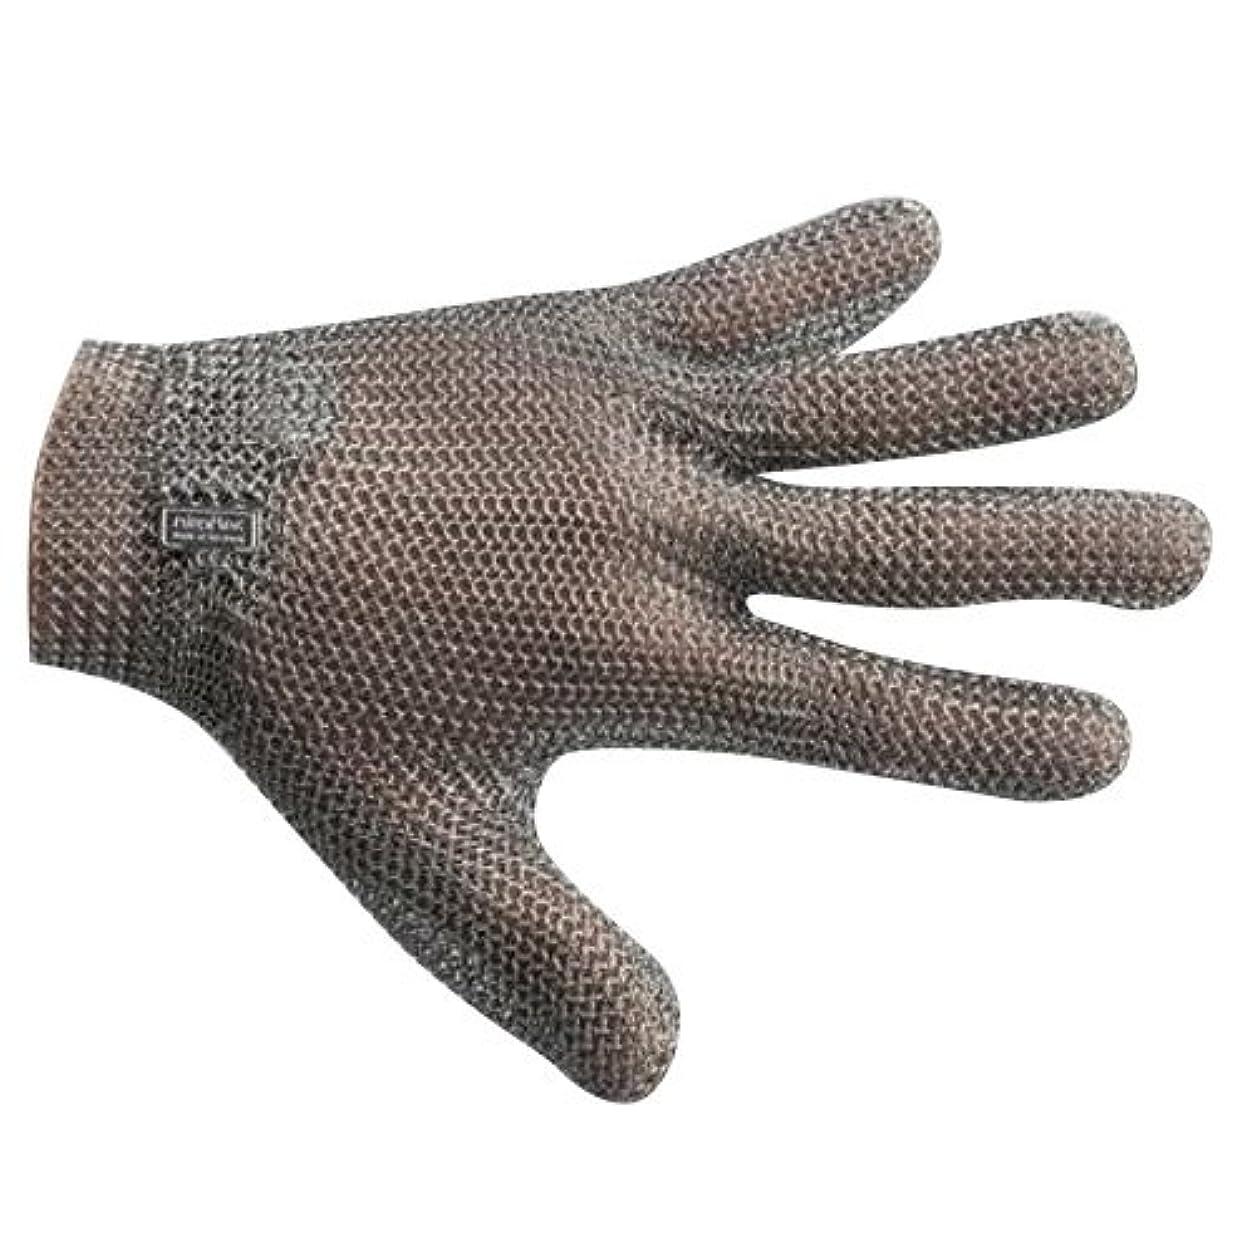 雑草アレルギー性余剰宇都宮製作 GU-2500 ステンレスメッシュ手袋 5本指(左右兼用) S